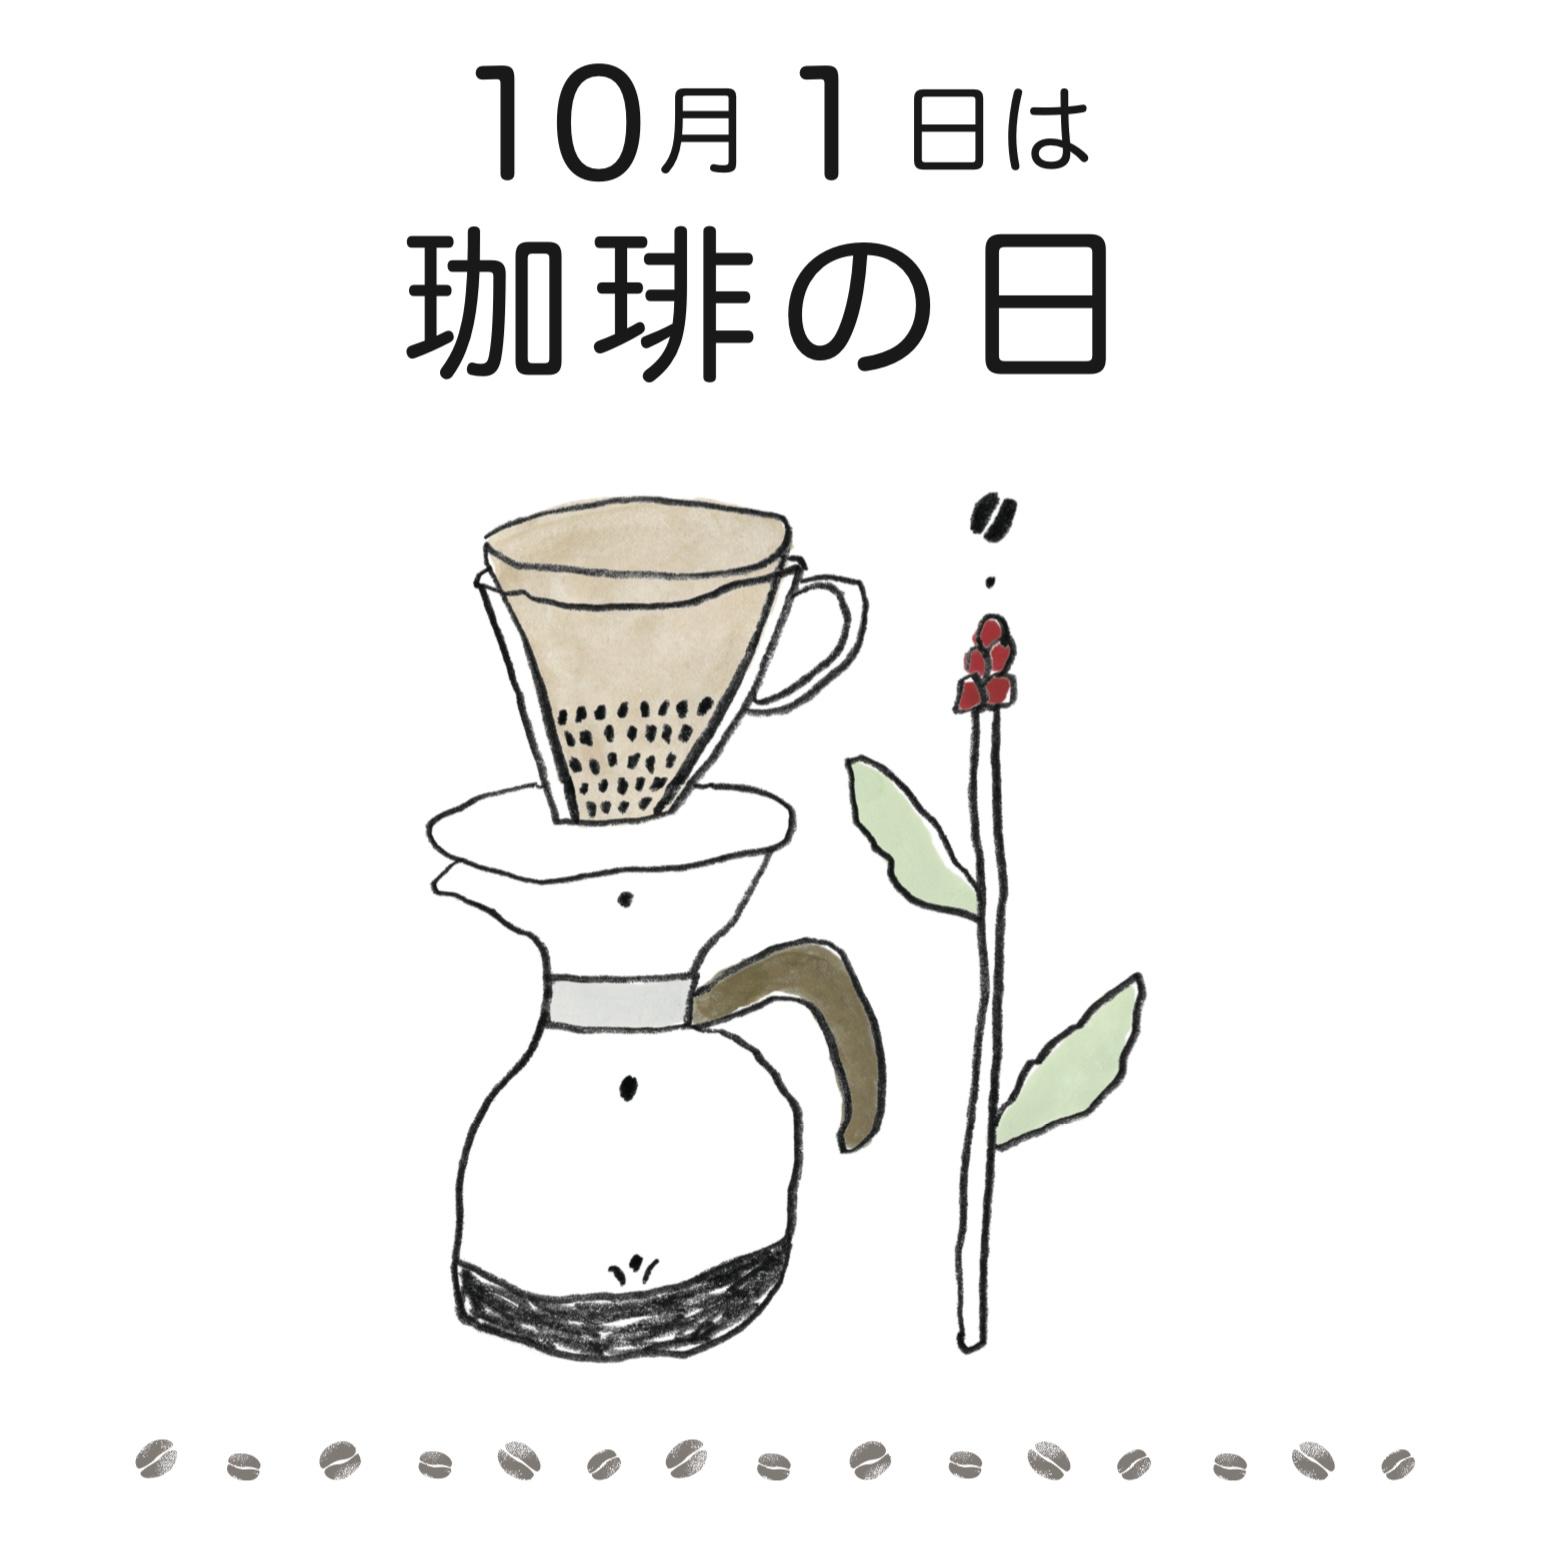 <p>秋風が涼しく ホットコーヒーが恋しい季節になりましたね☕️ 10月1日はコーヒーの日です!知っていましたか?☺️ kaicocafeではコーヒーの日にちなんで 9/15〜10/10まで珈琲フェアを開催します✨ kaicoオリジナルブレンドの珈琲豆が 珈琲フェアの期間中10%増量! 100gご購入の方は110g 200gご購入の方 […]</p>